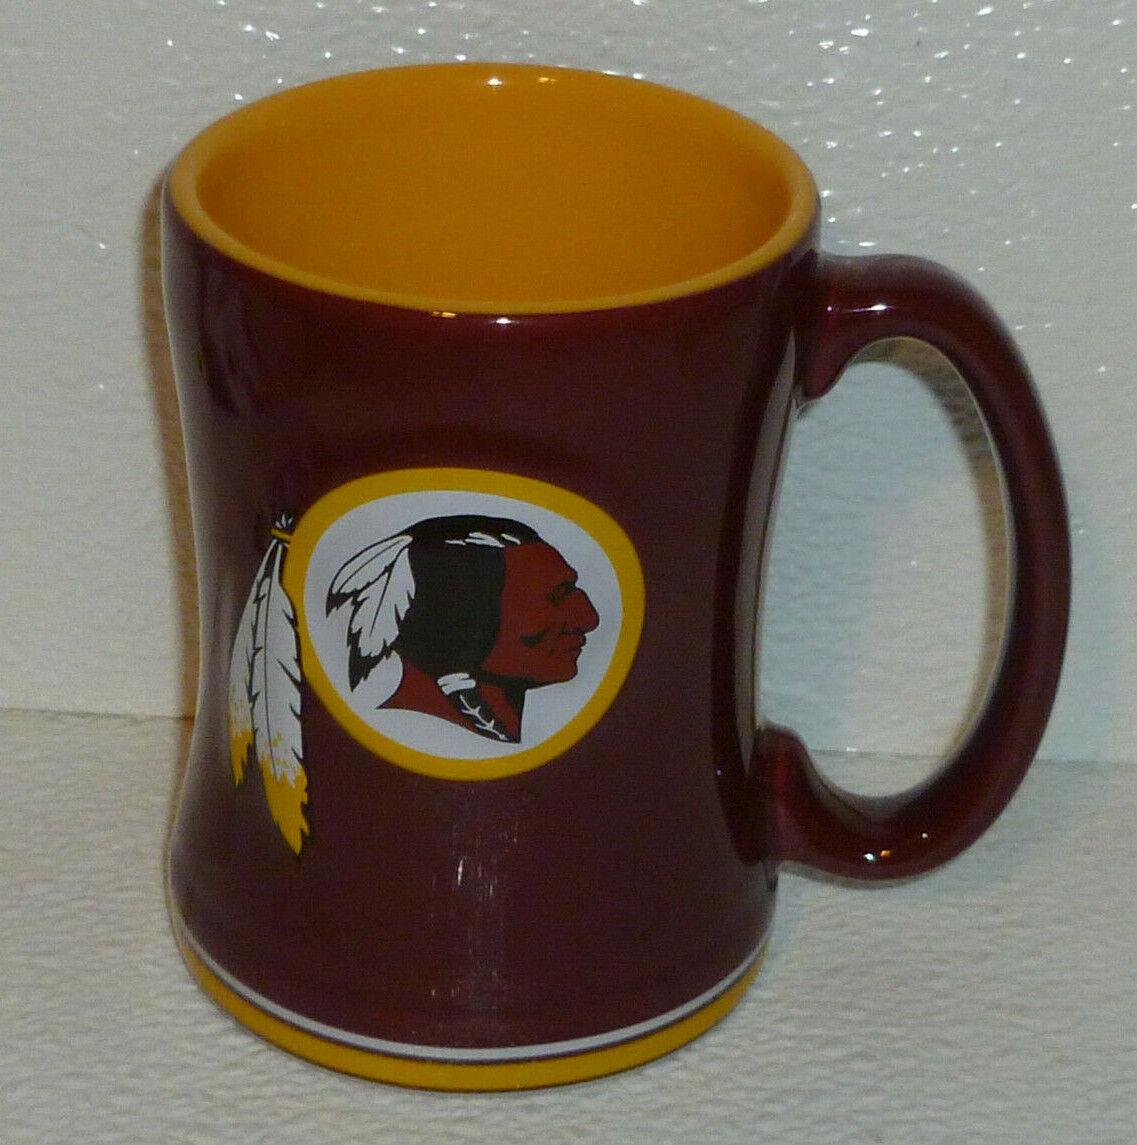 Washington Redskins Becher Tasse NFL Boelter 2011 Fußball 11.4cm